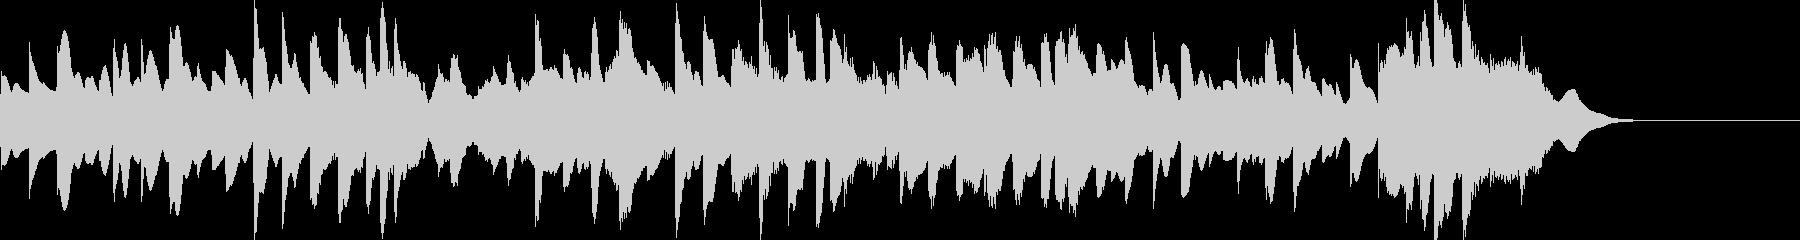 正月定番「さくらさくら」オルゴールカバーの未再生の波形